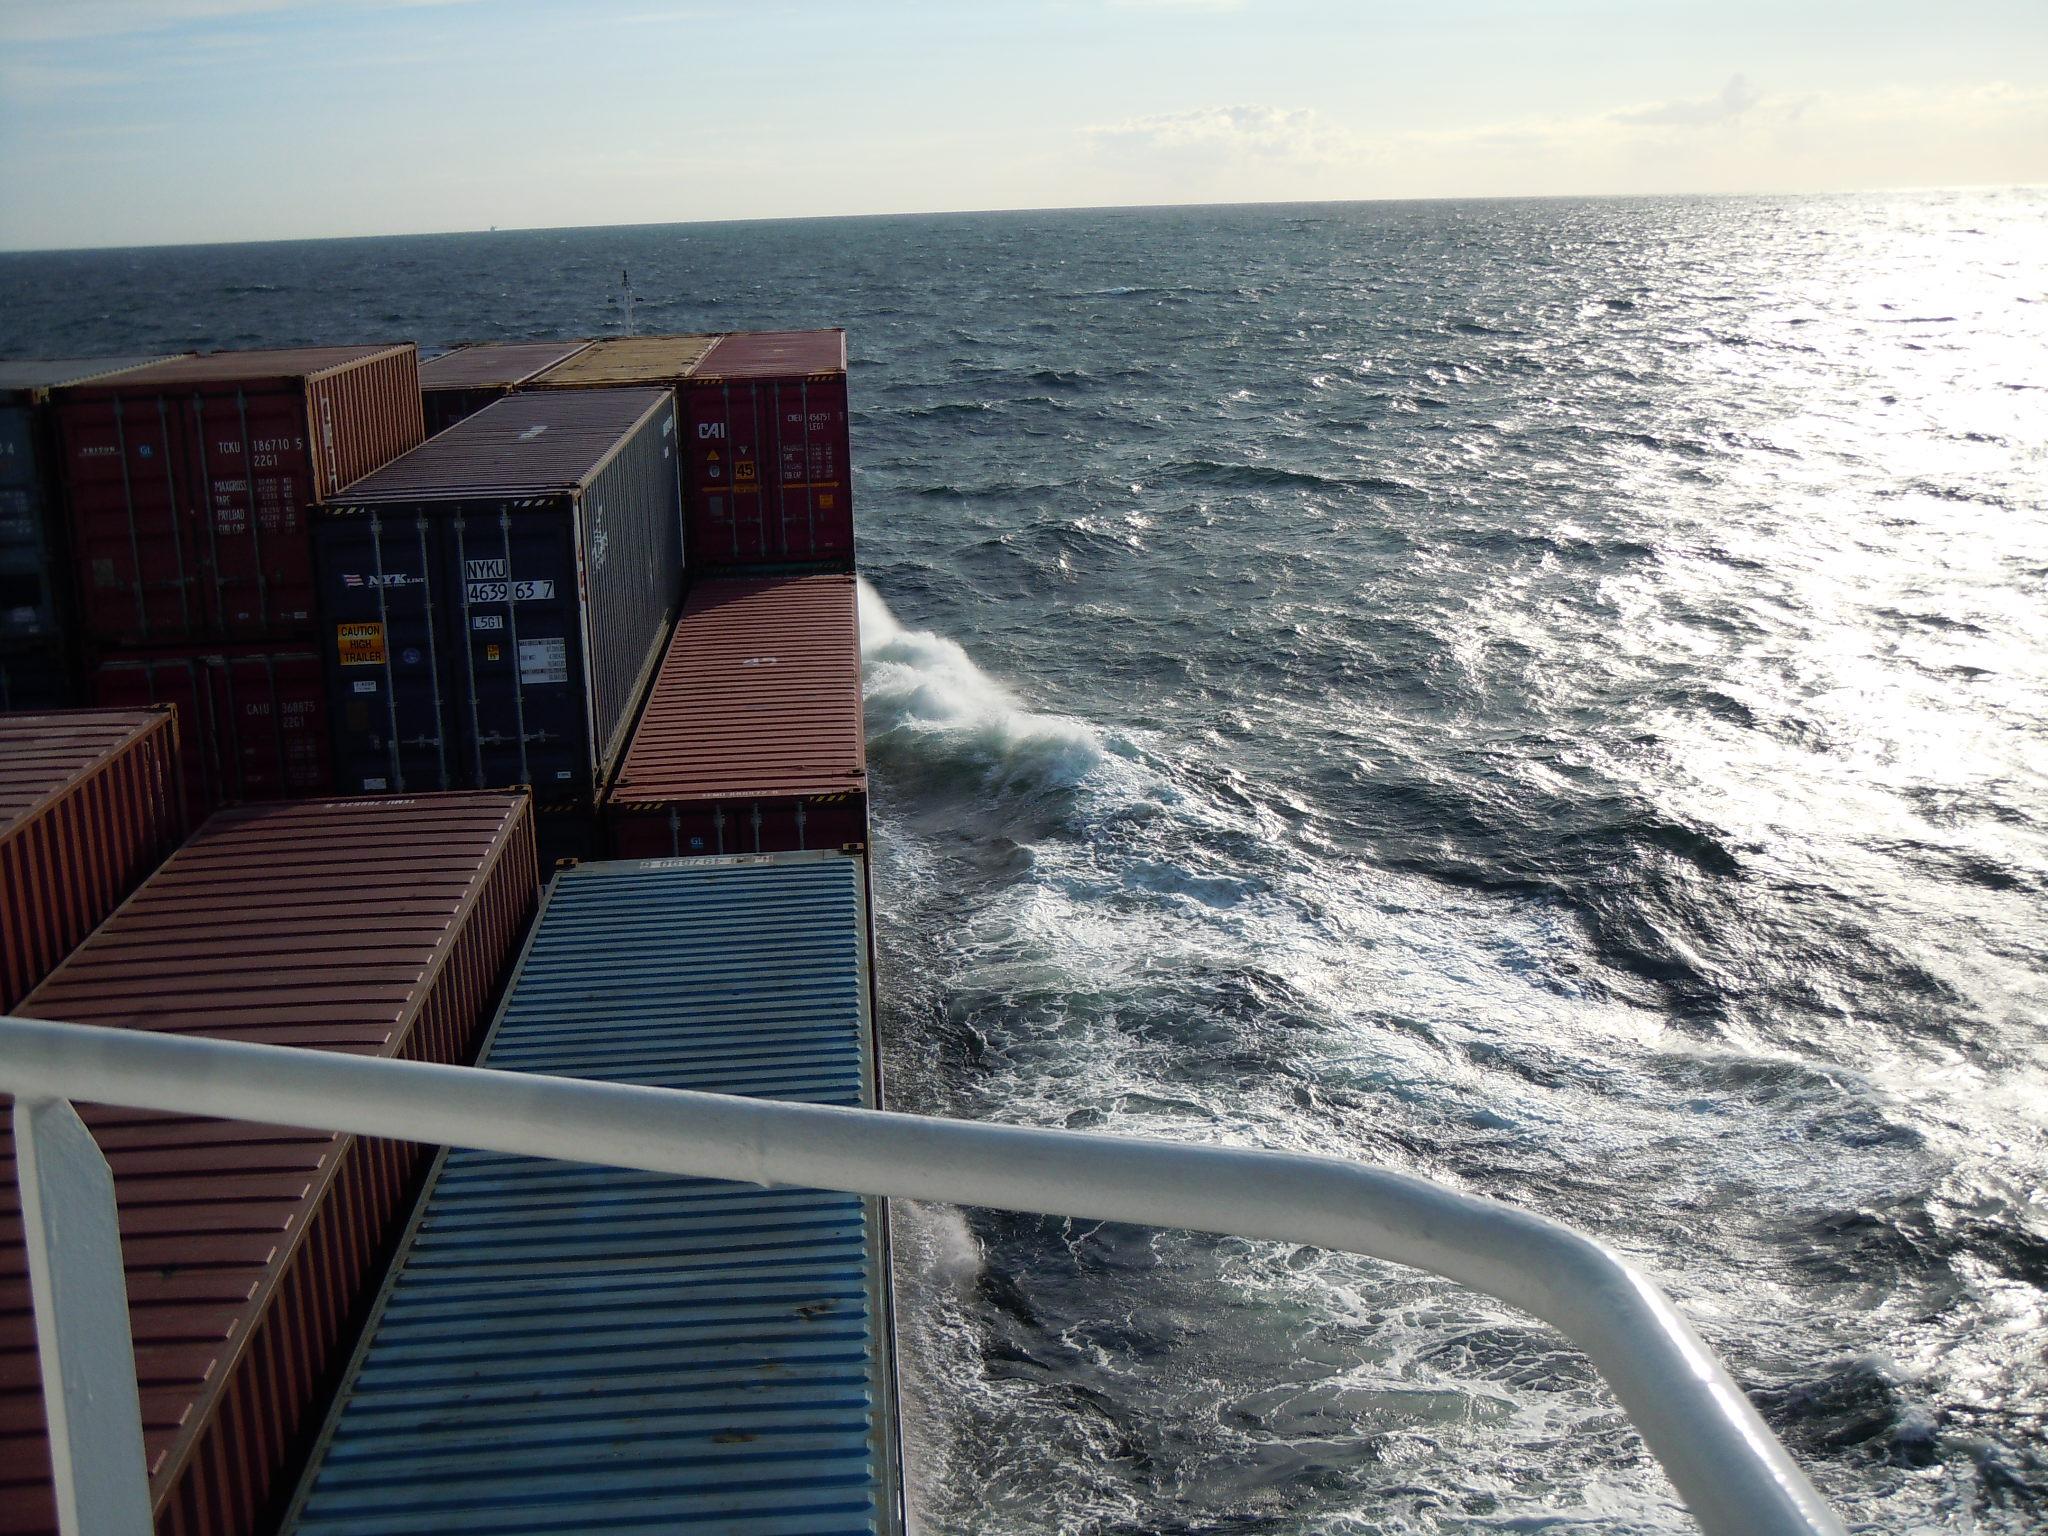 Rückfahrt Richtung Nord- Ostseekanal